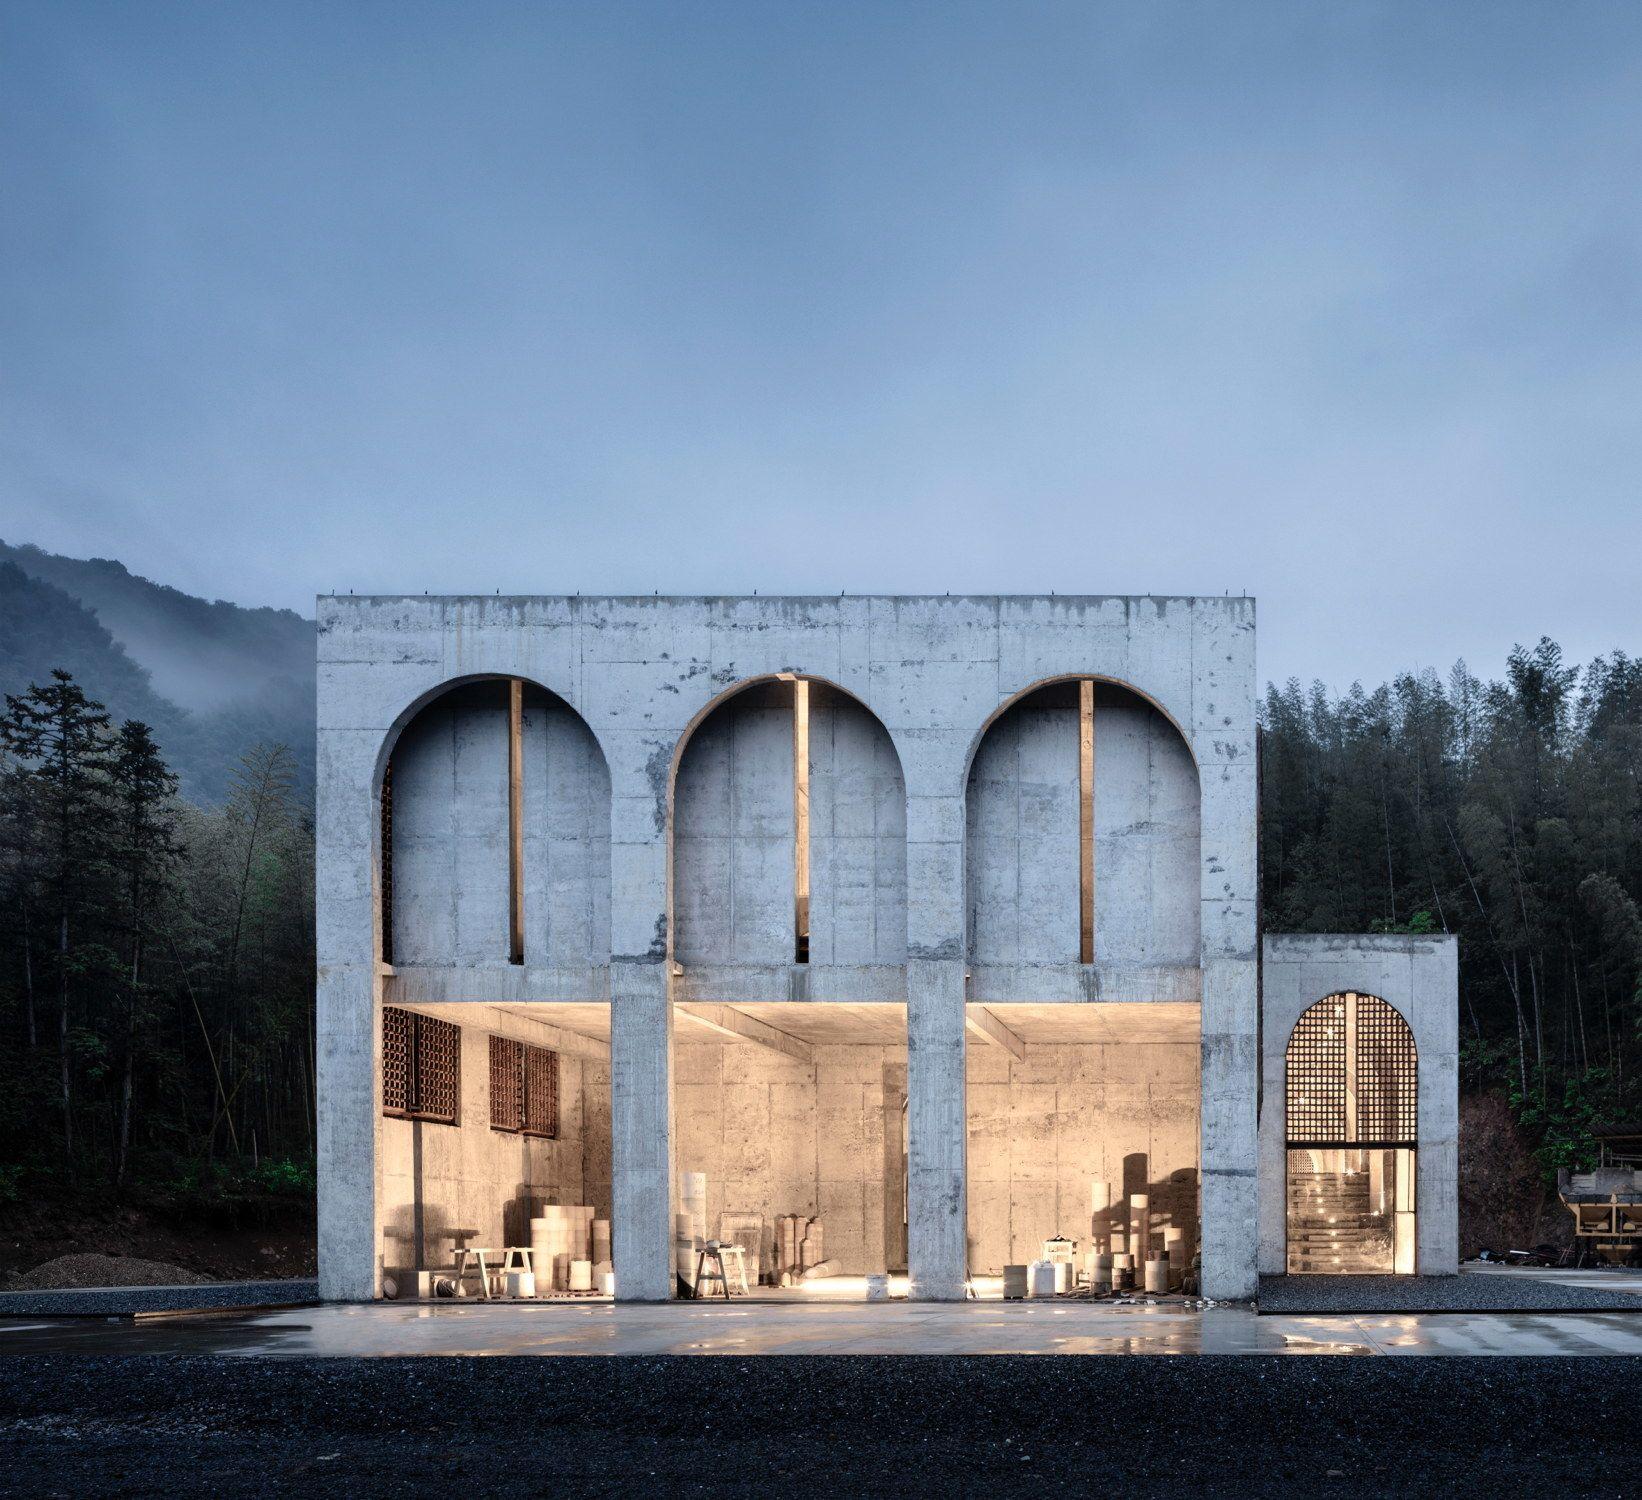 Um den Ofen gebaut – Porzellanfabrik in China von AZL architects